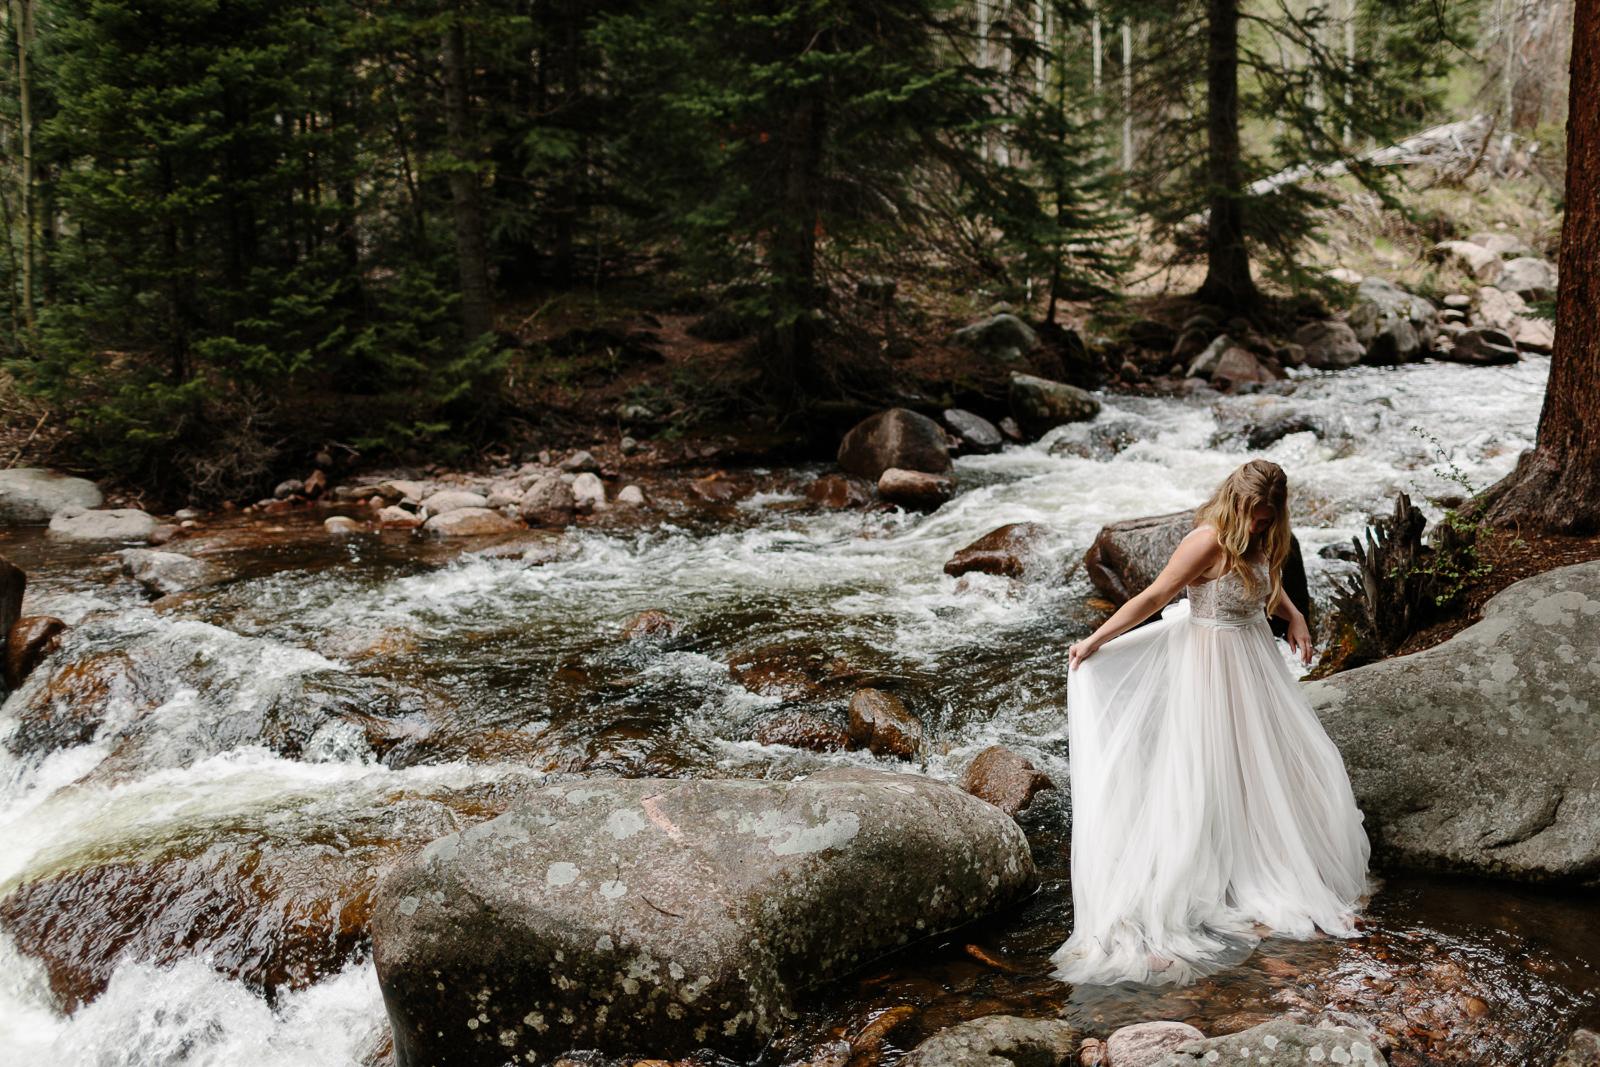 074-vail-elopement-photographer-chris-and-tara.jpg